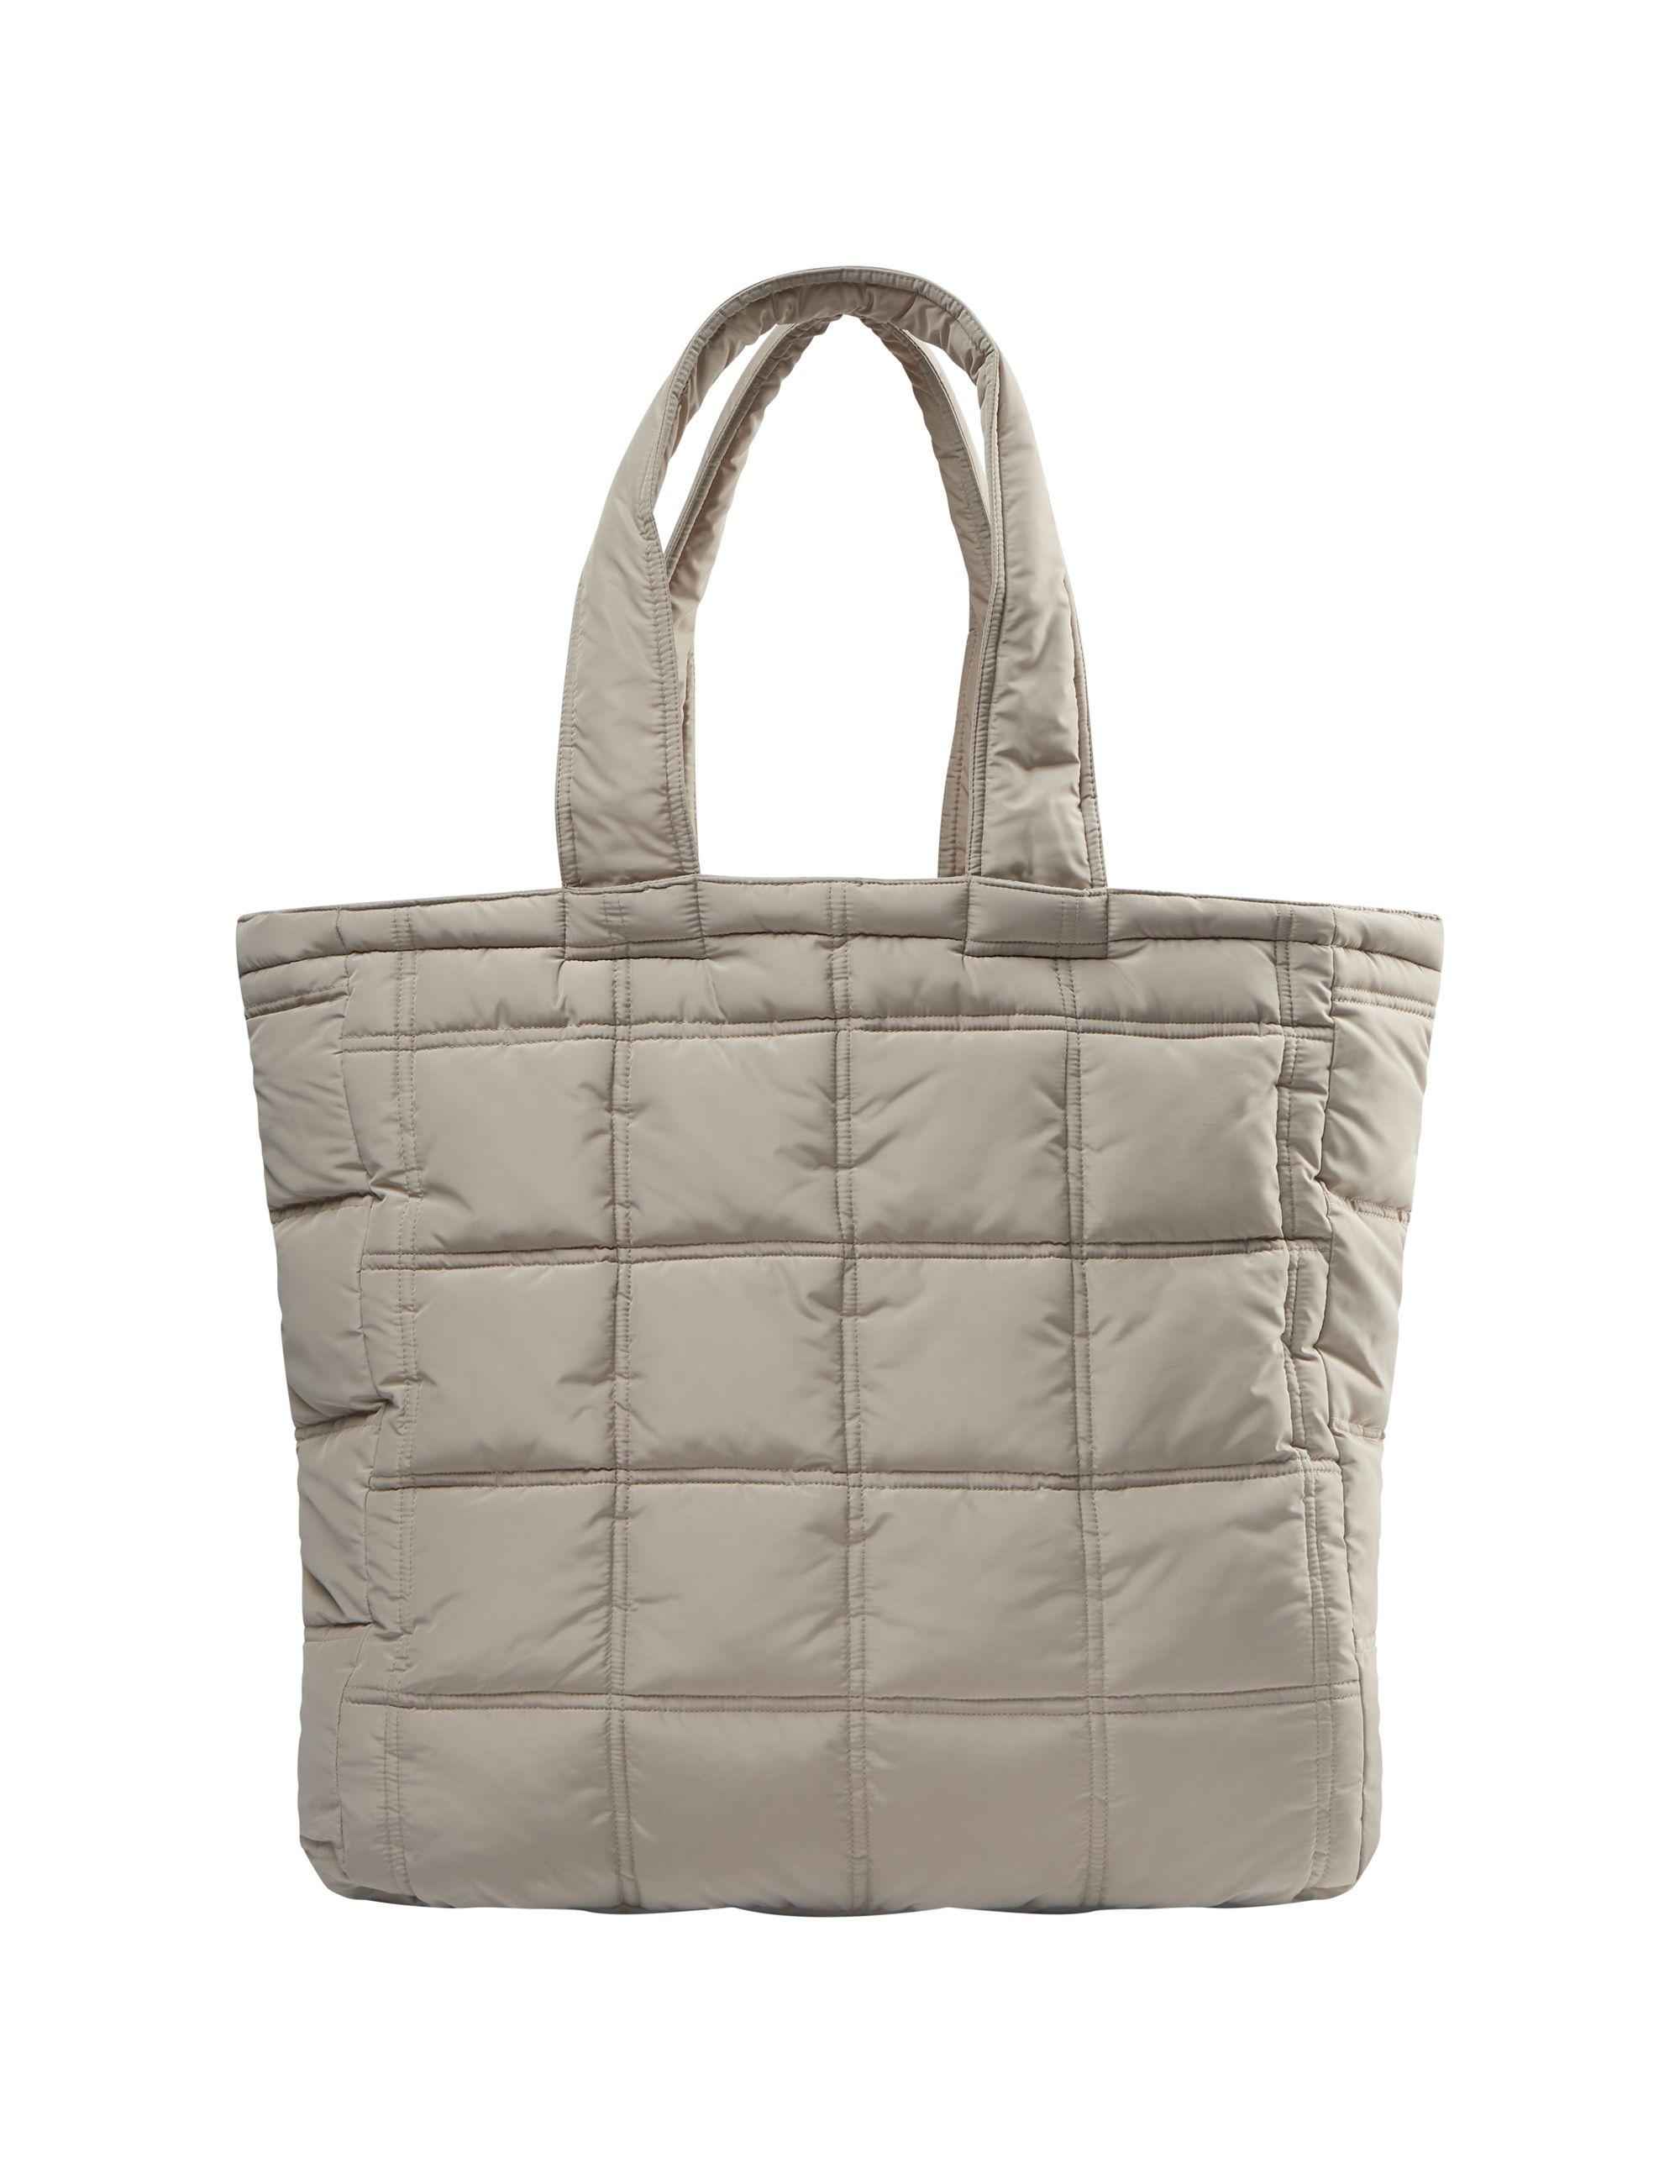 Gibella bag